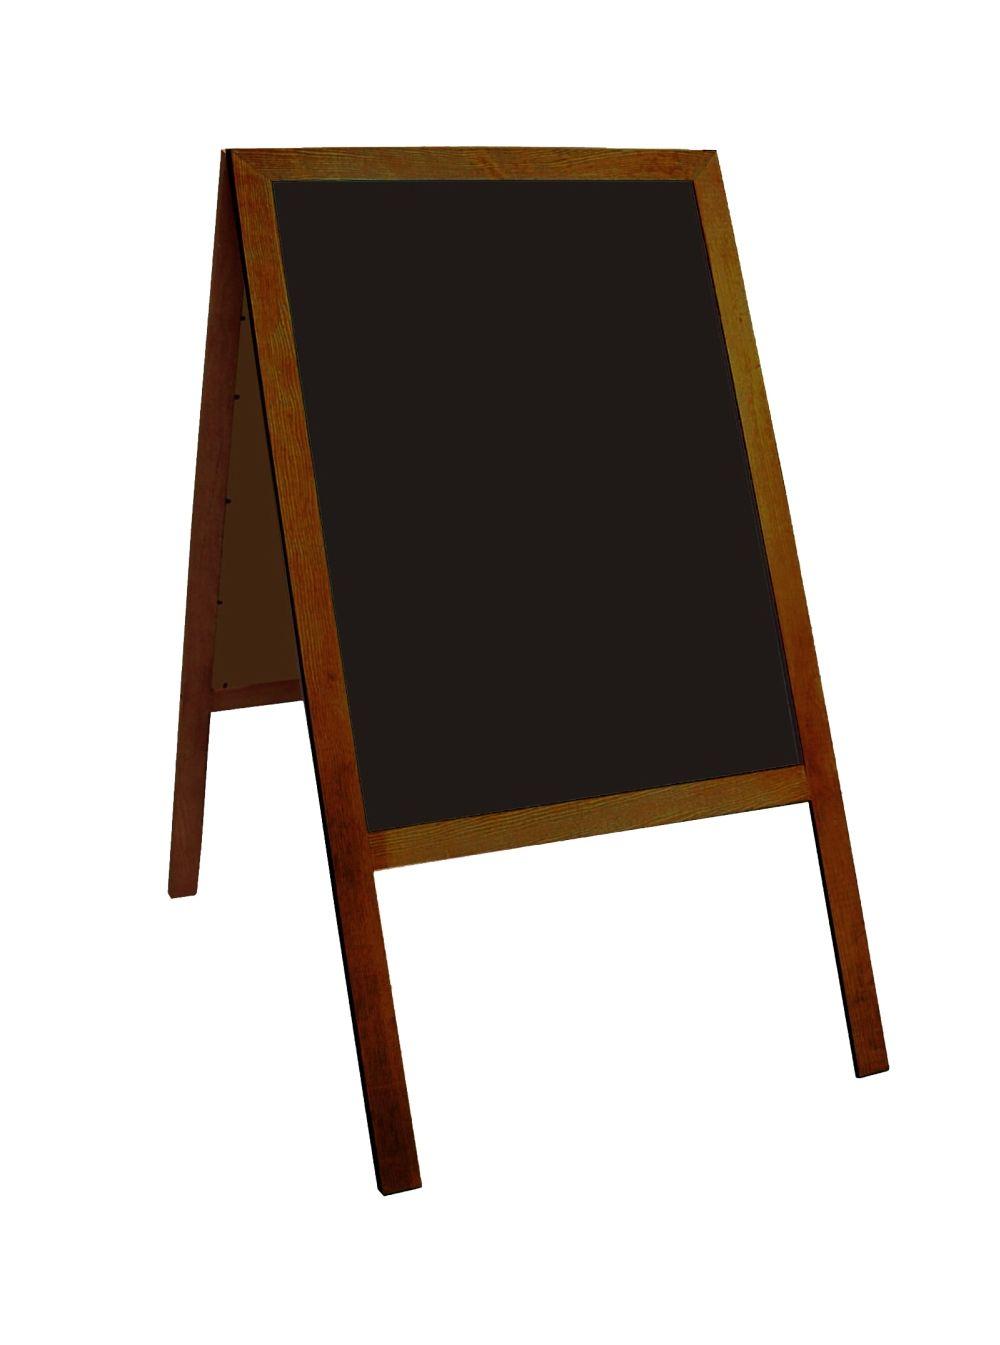 A-stojan oboustranný, křídová tabule černá, 70x50 cm, dřevěný rám, hnědý